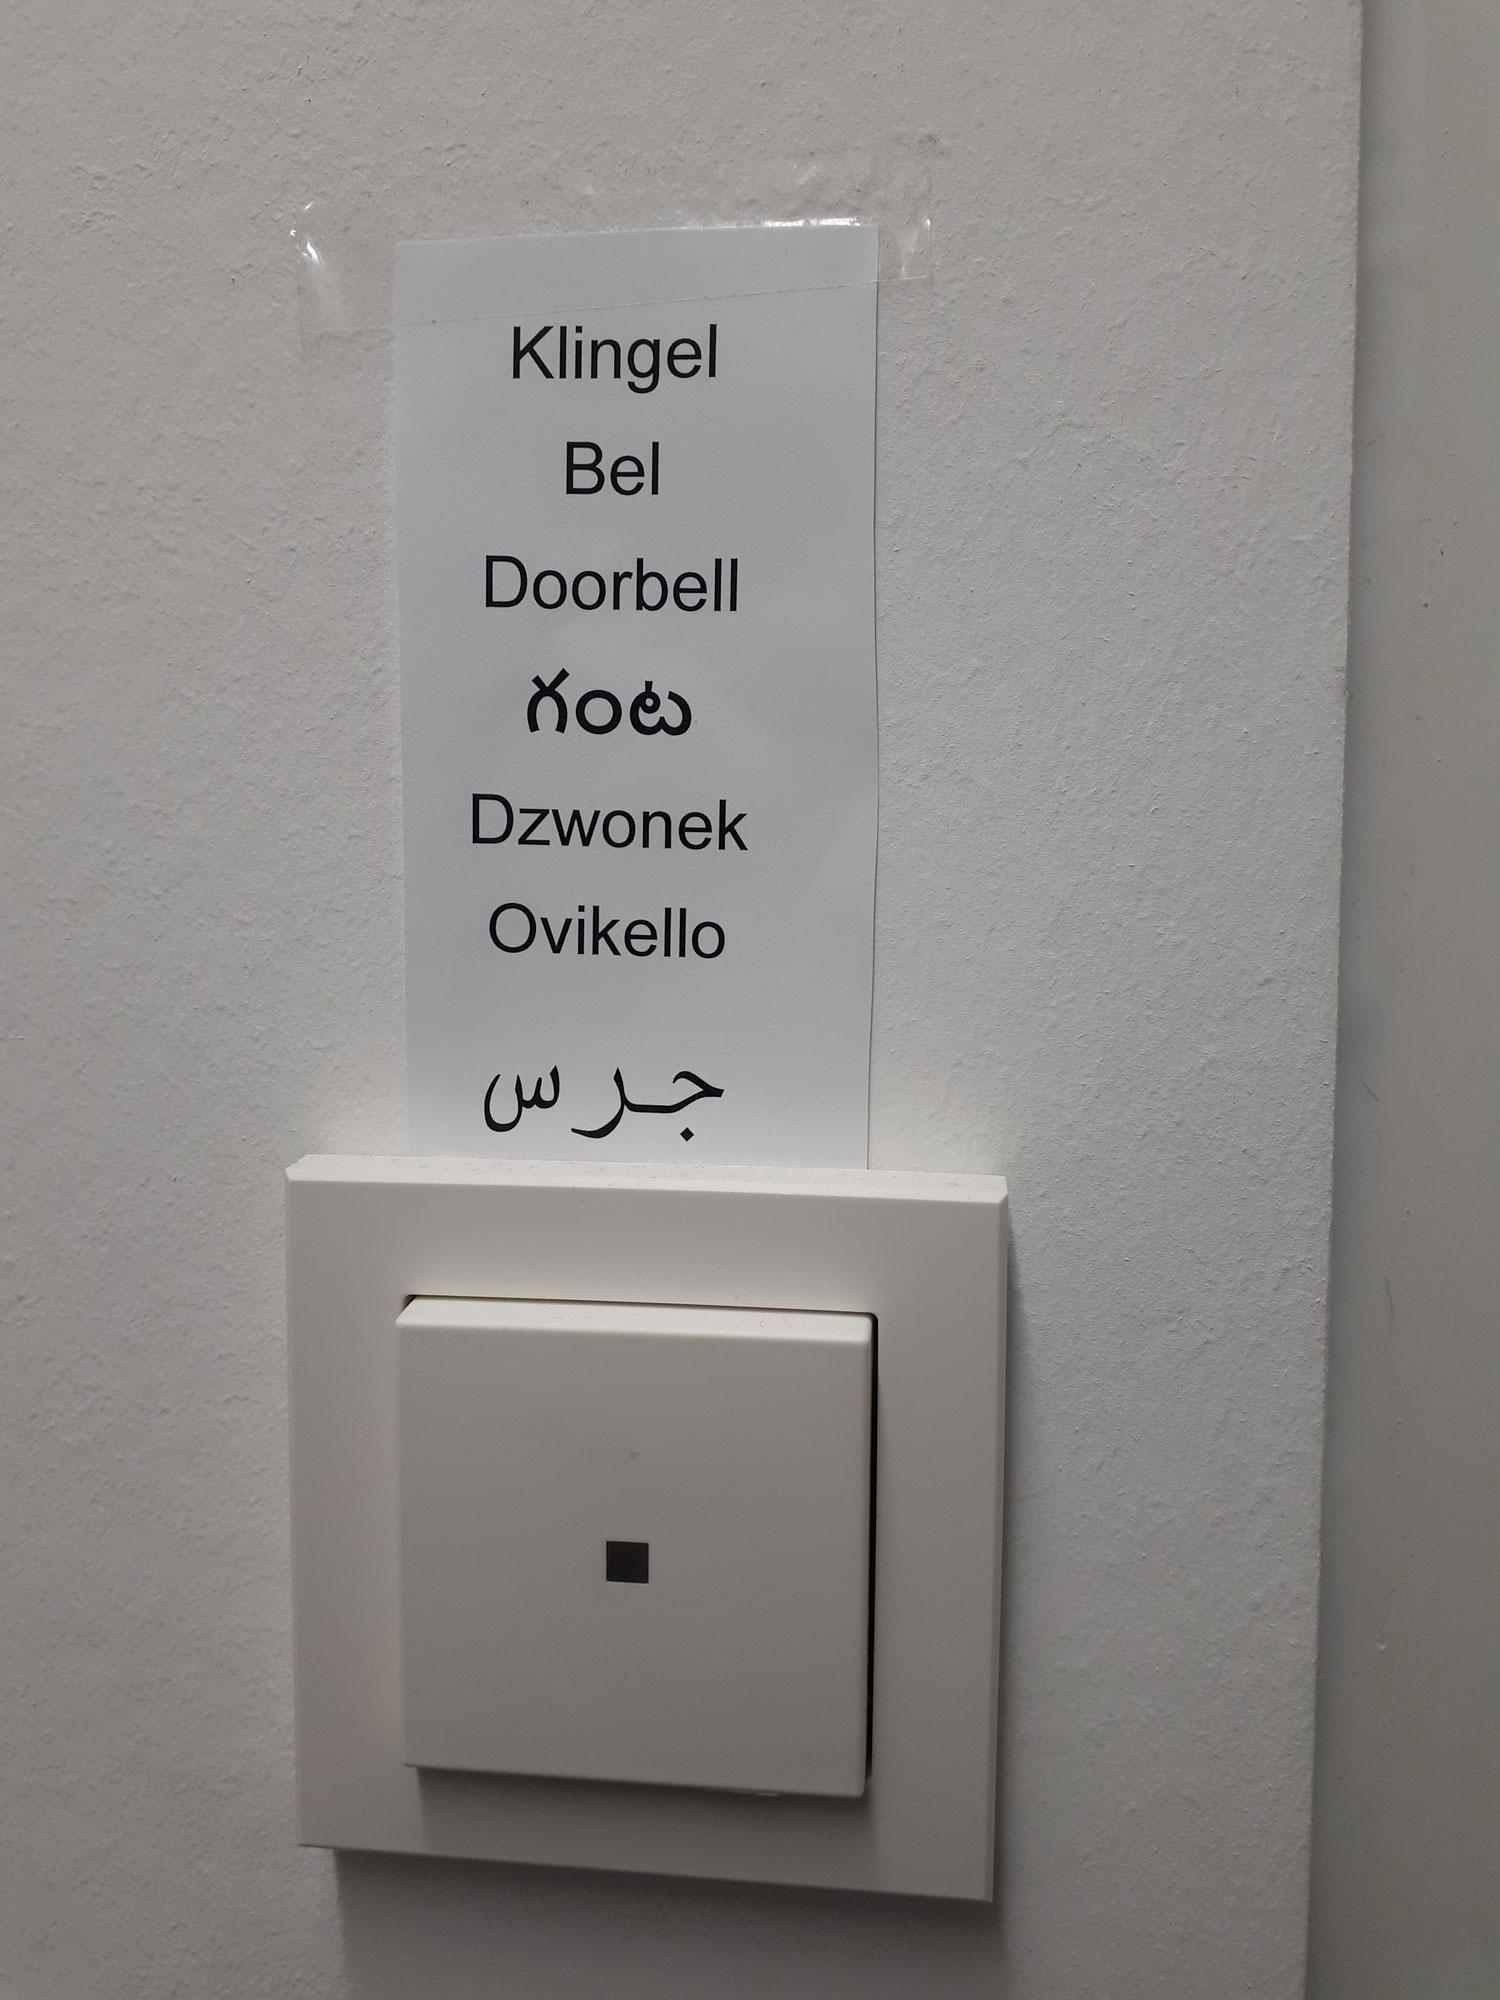 Abgebildet ist eine Türschelle, die mit dem Wort Klingel in sieben verschiedenen Sprachen beschriftet wurde.